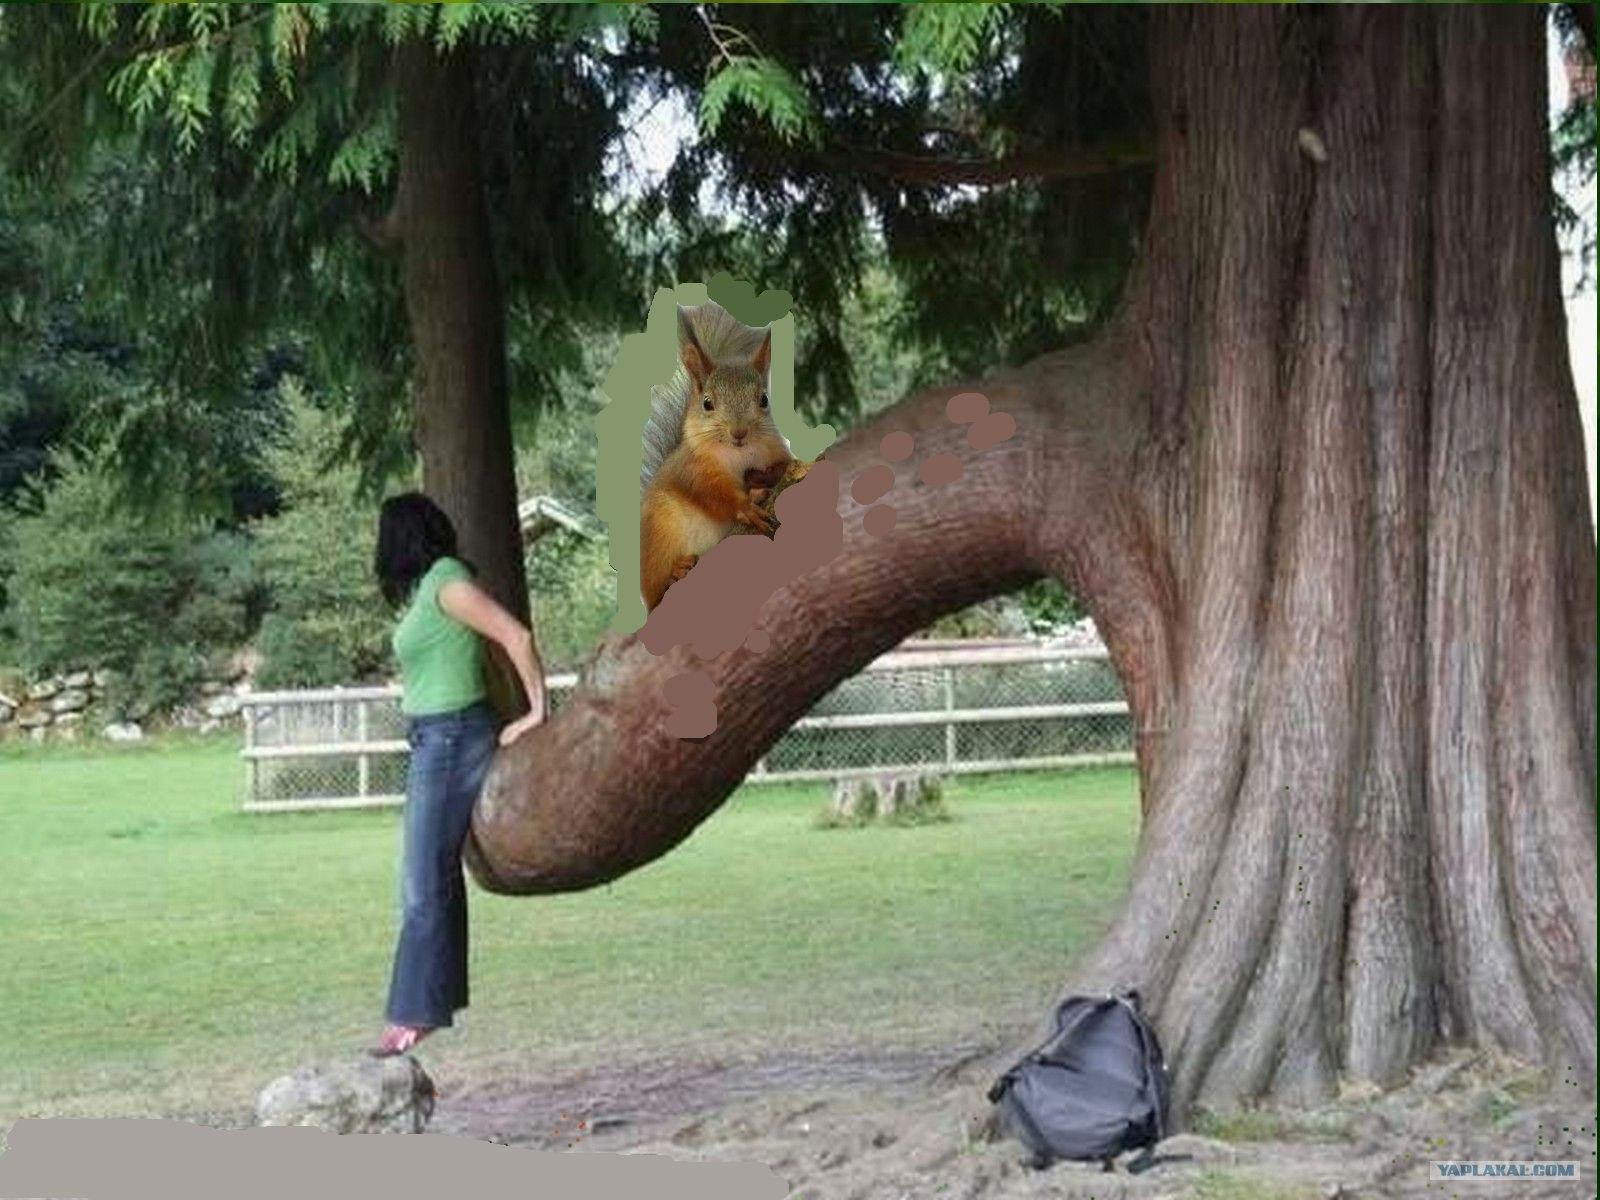 Смотреть онлайн бесплатно секс на дереве